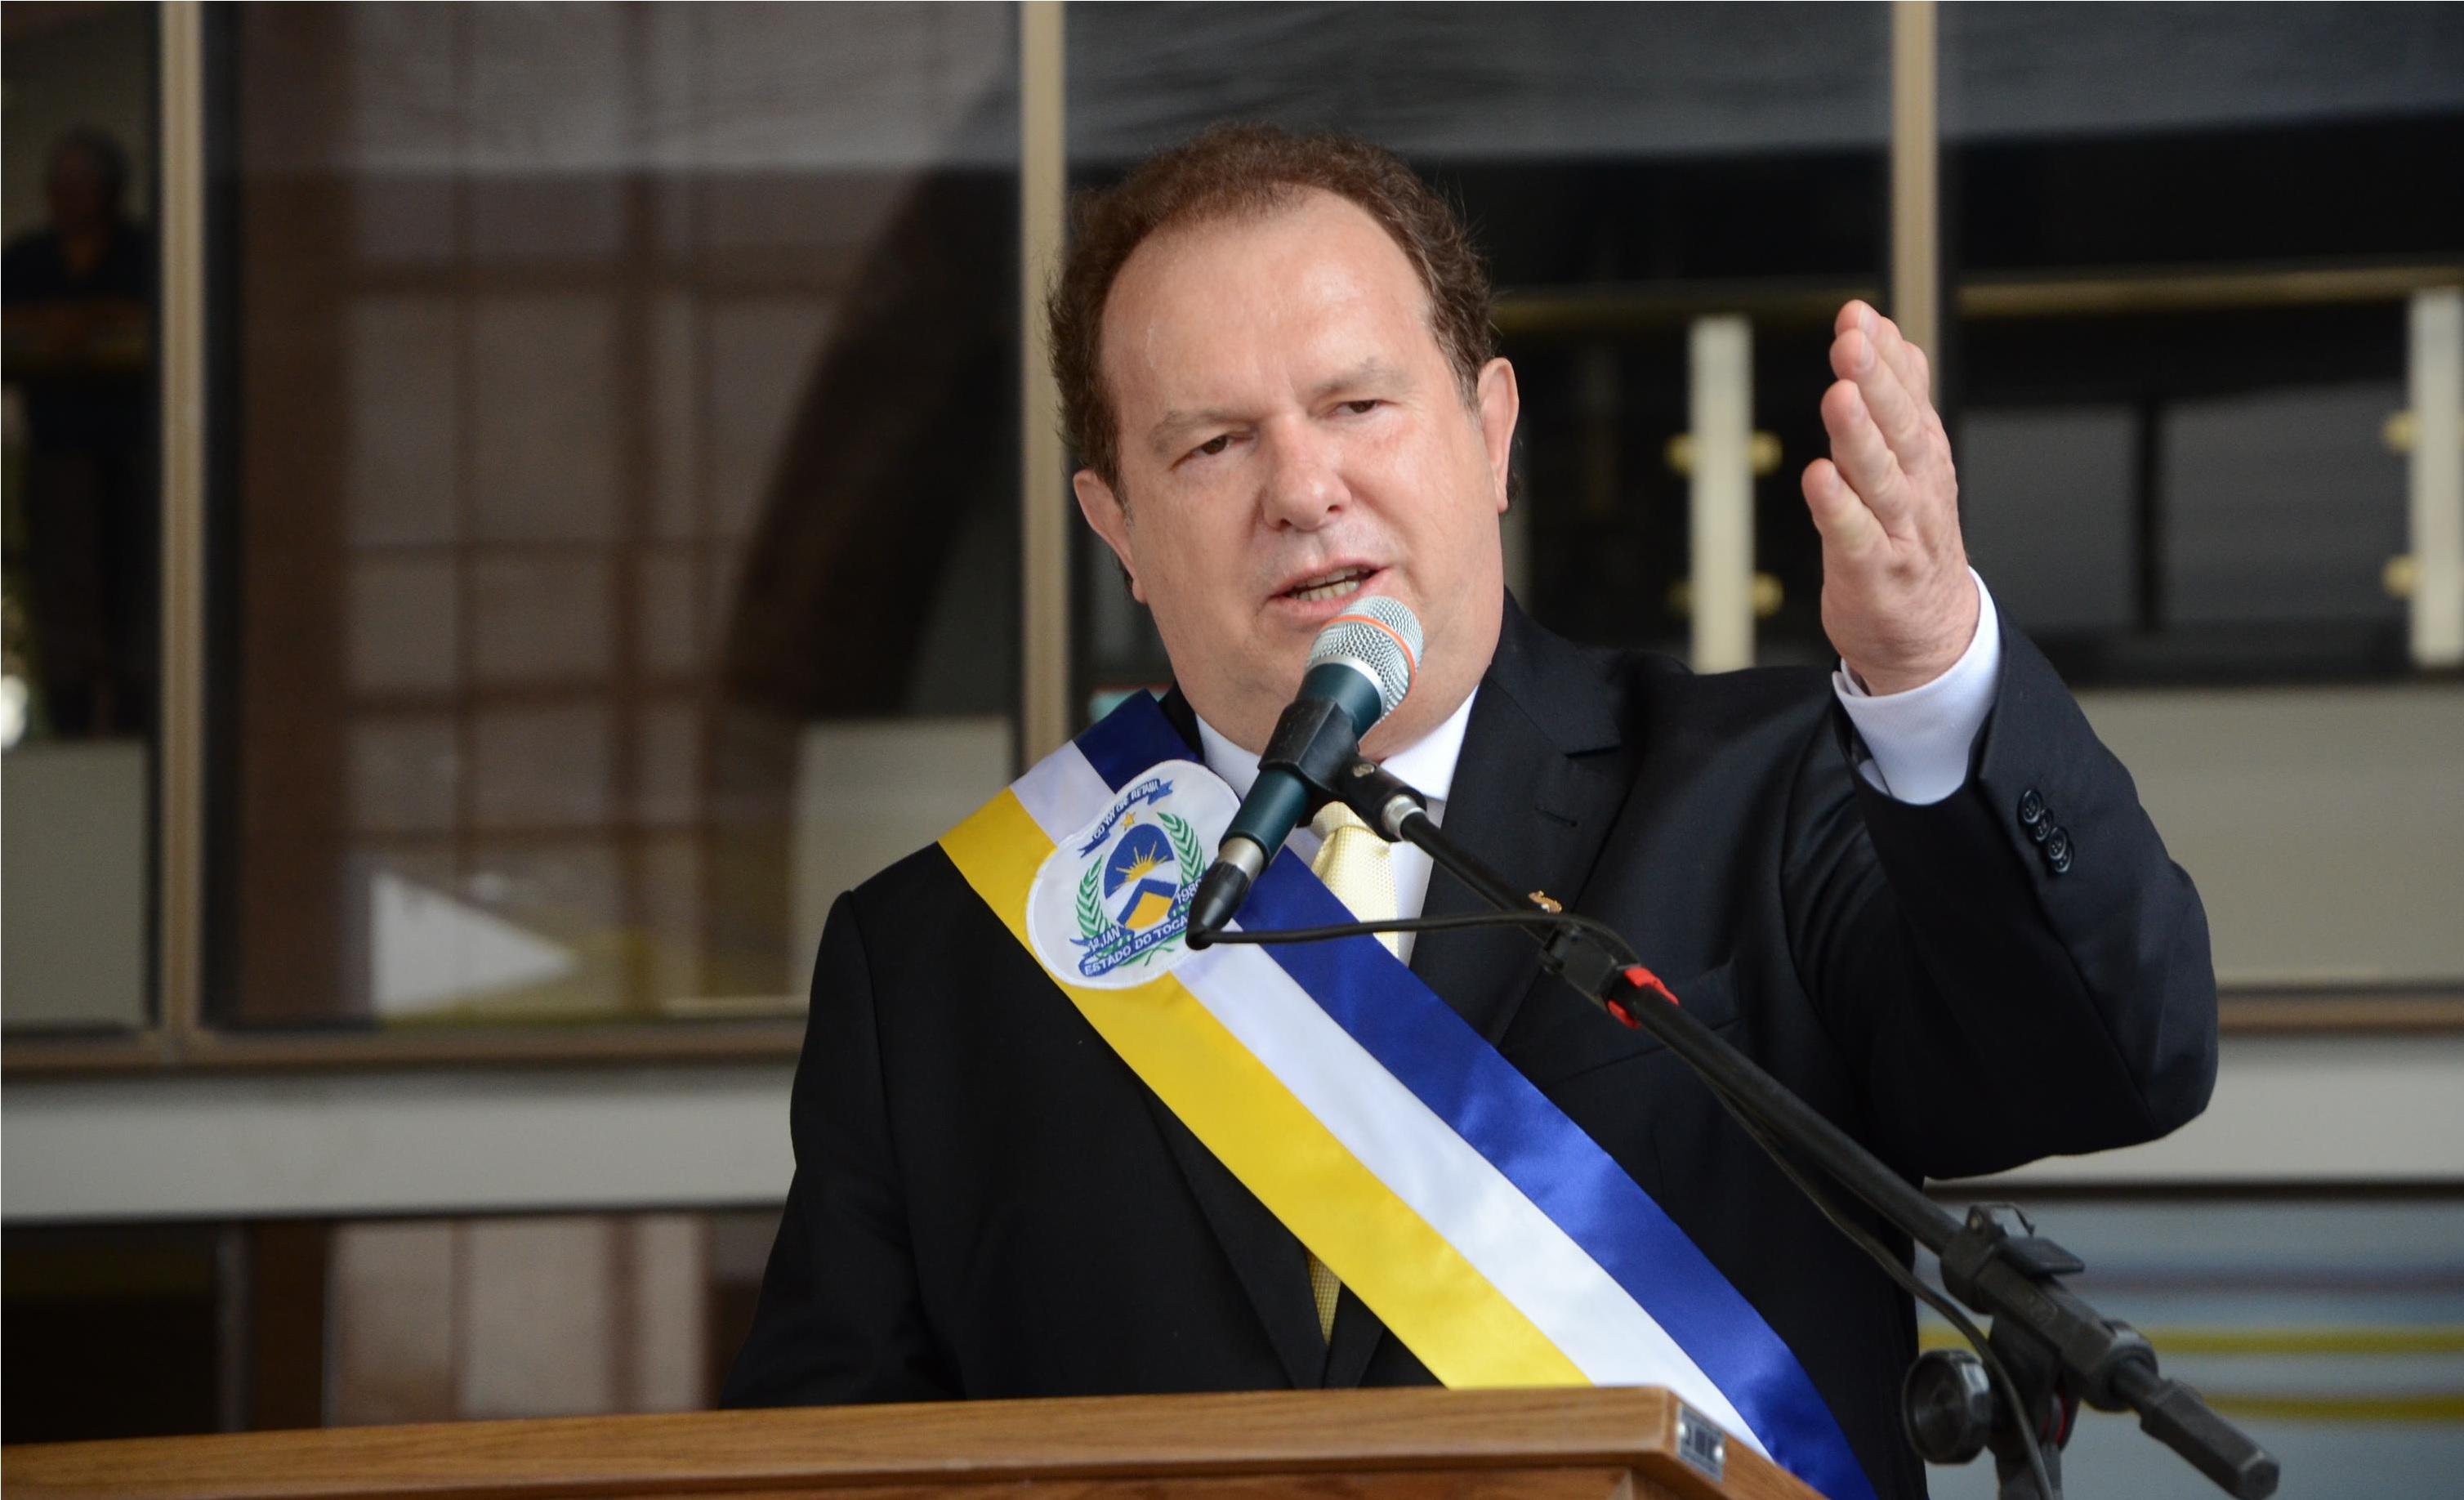 Mauro Carlesse toma posse para o seu segundo mandato como governador do Tocantins